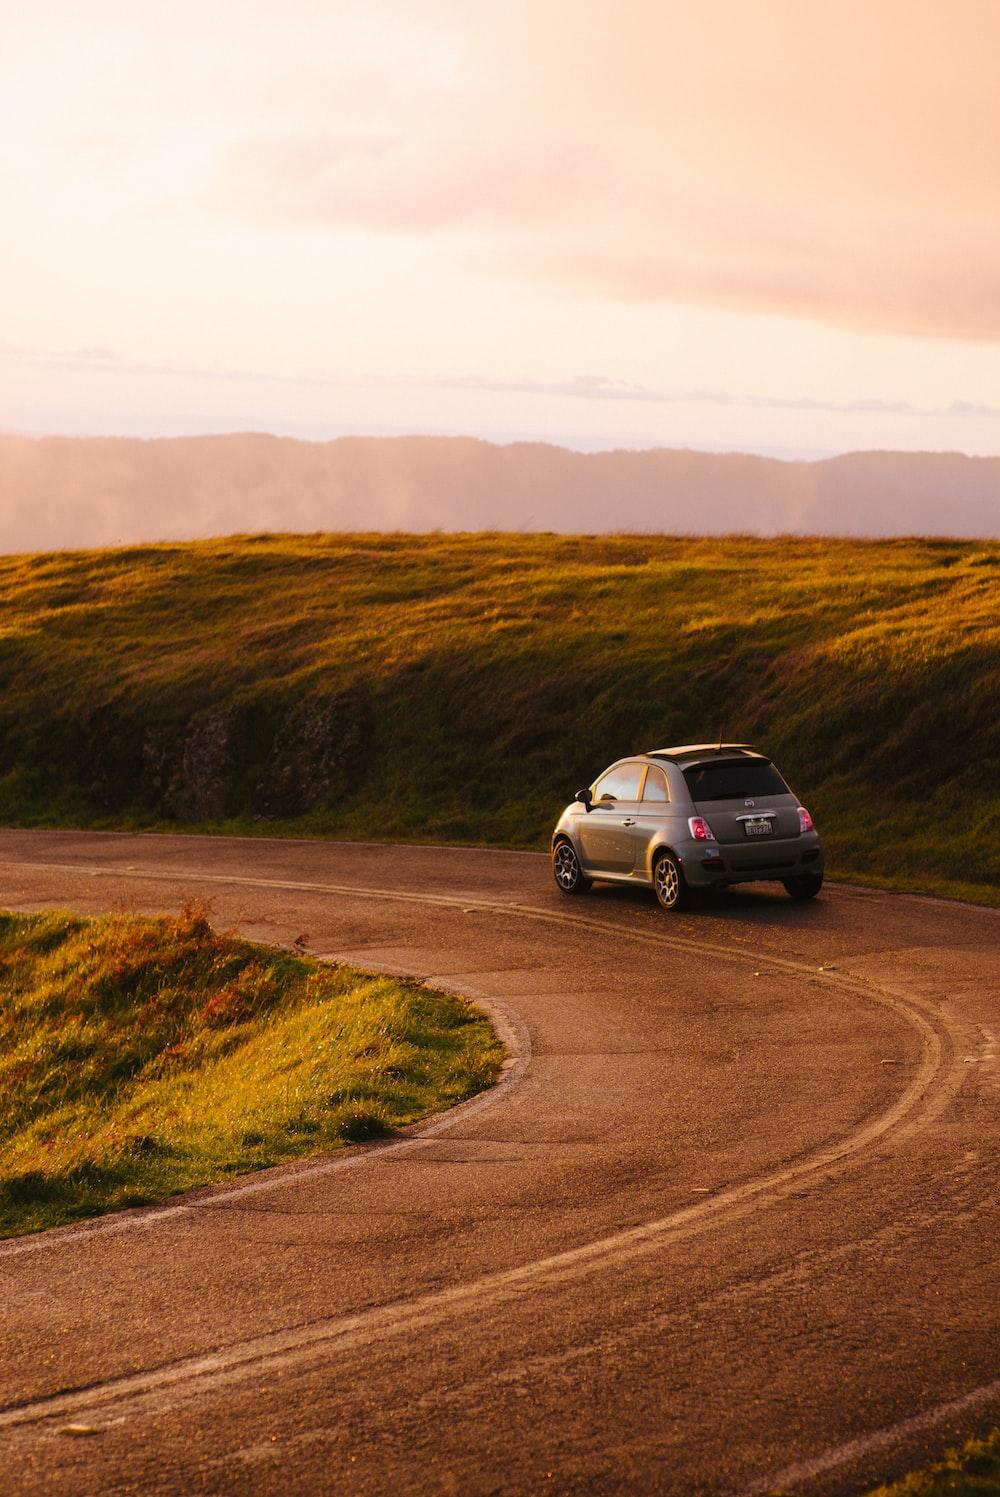 gray 3-door hatchback on road